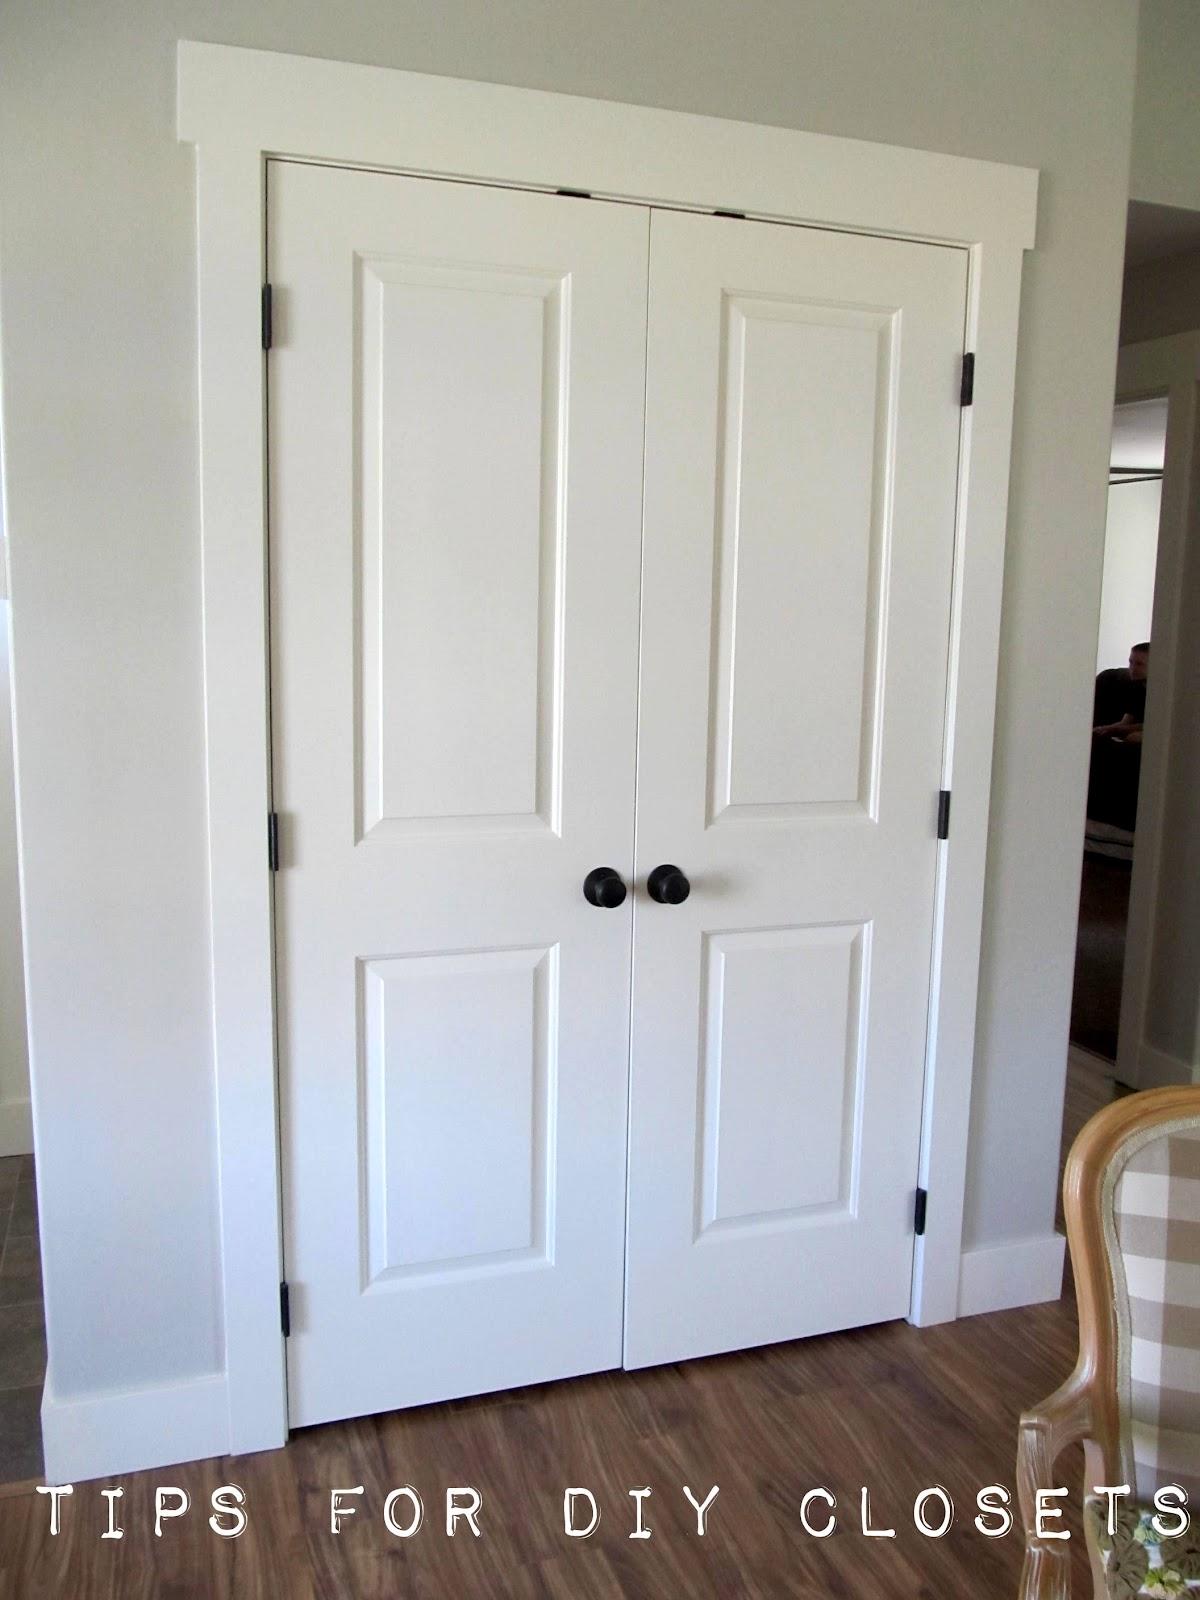 Tips For DIY Closet Shelving